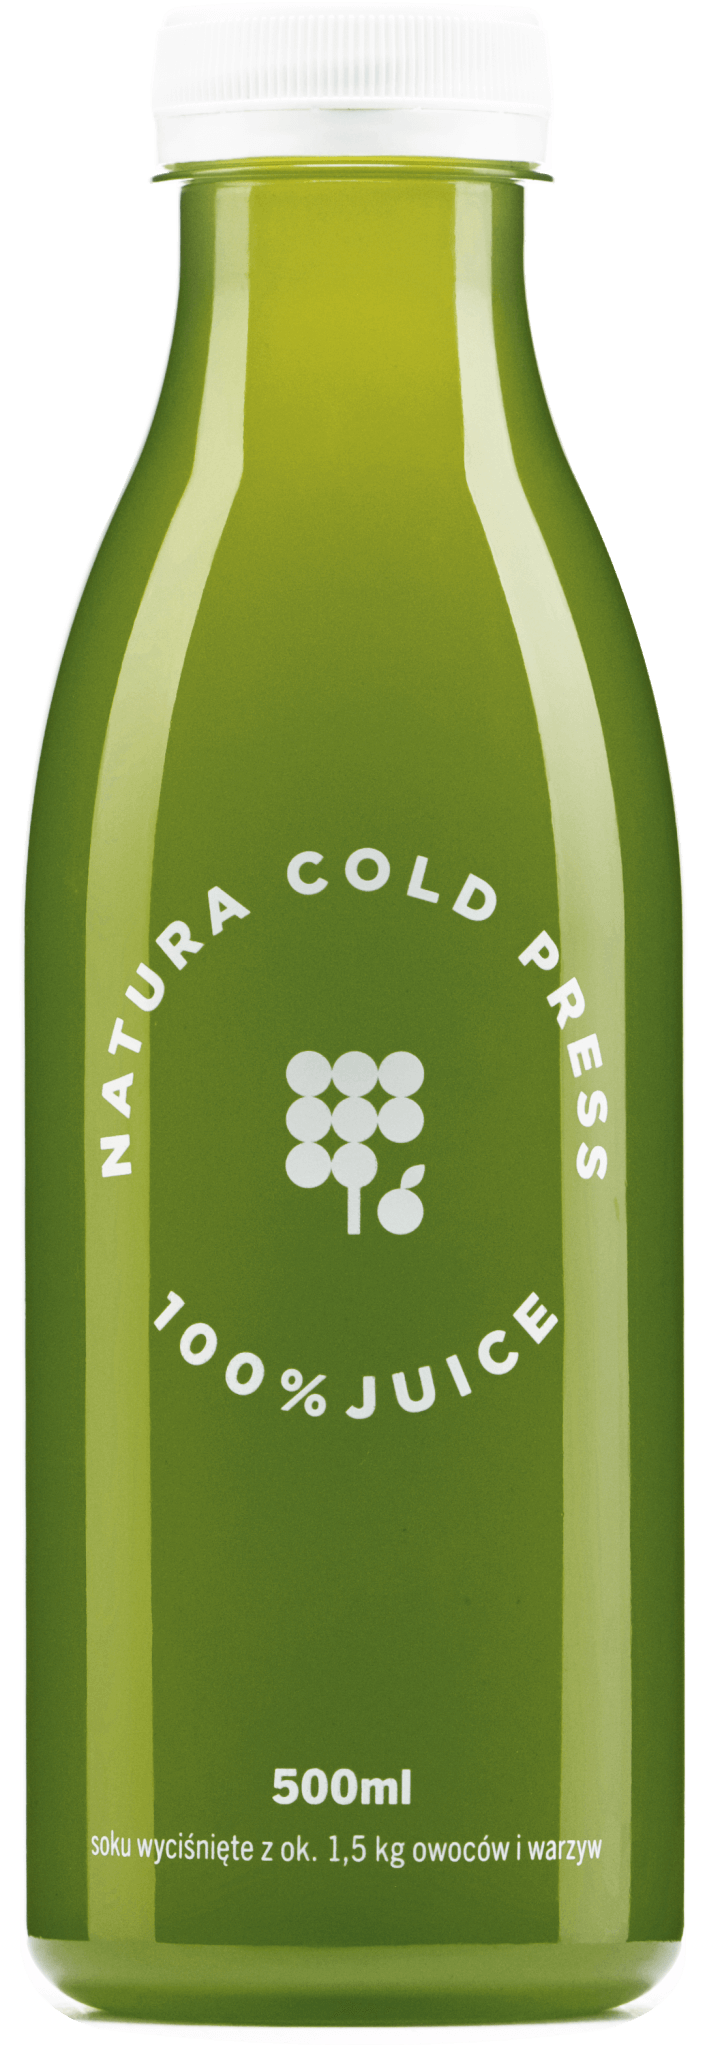 Wiosna sok oczyszczający